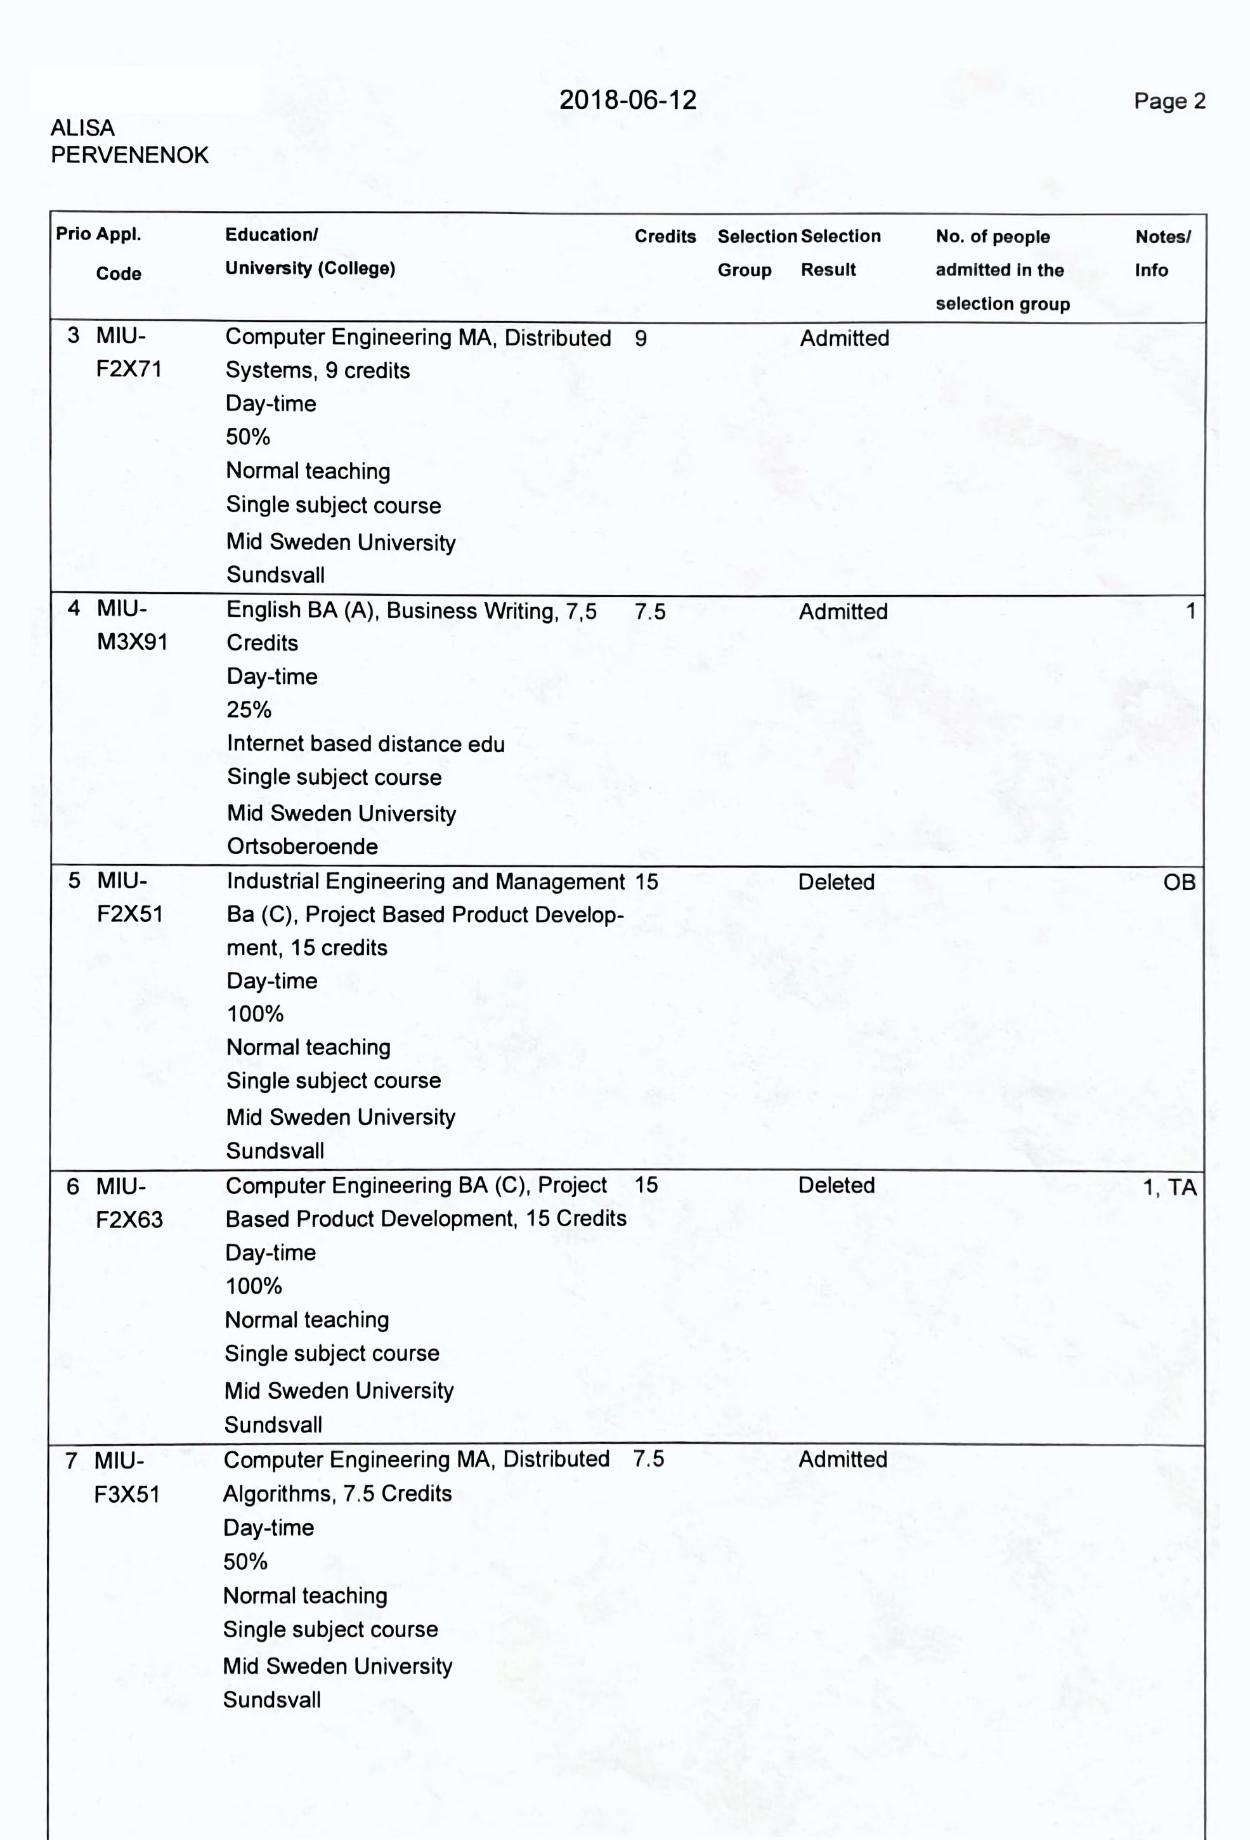 В таблице видно, что на некоторые курсы меня не взяли, — от этого и возникла проблема снедобором кредитов